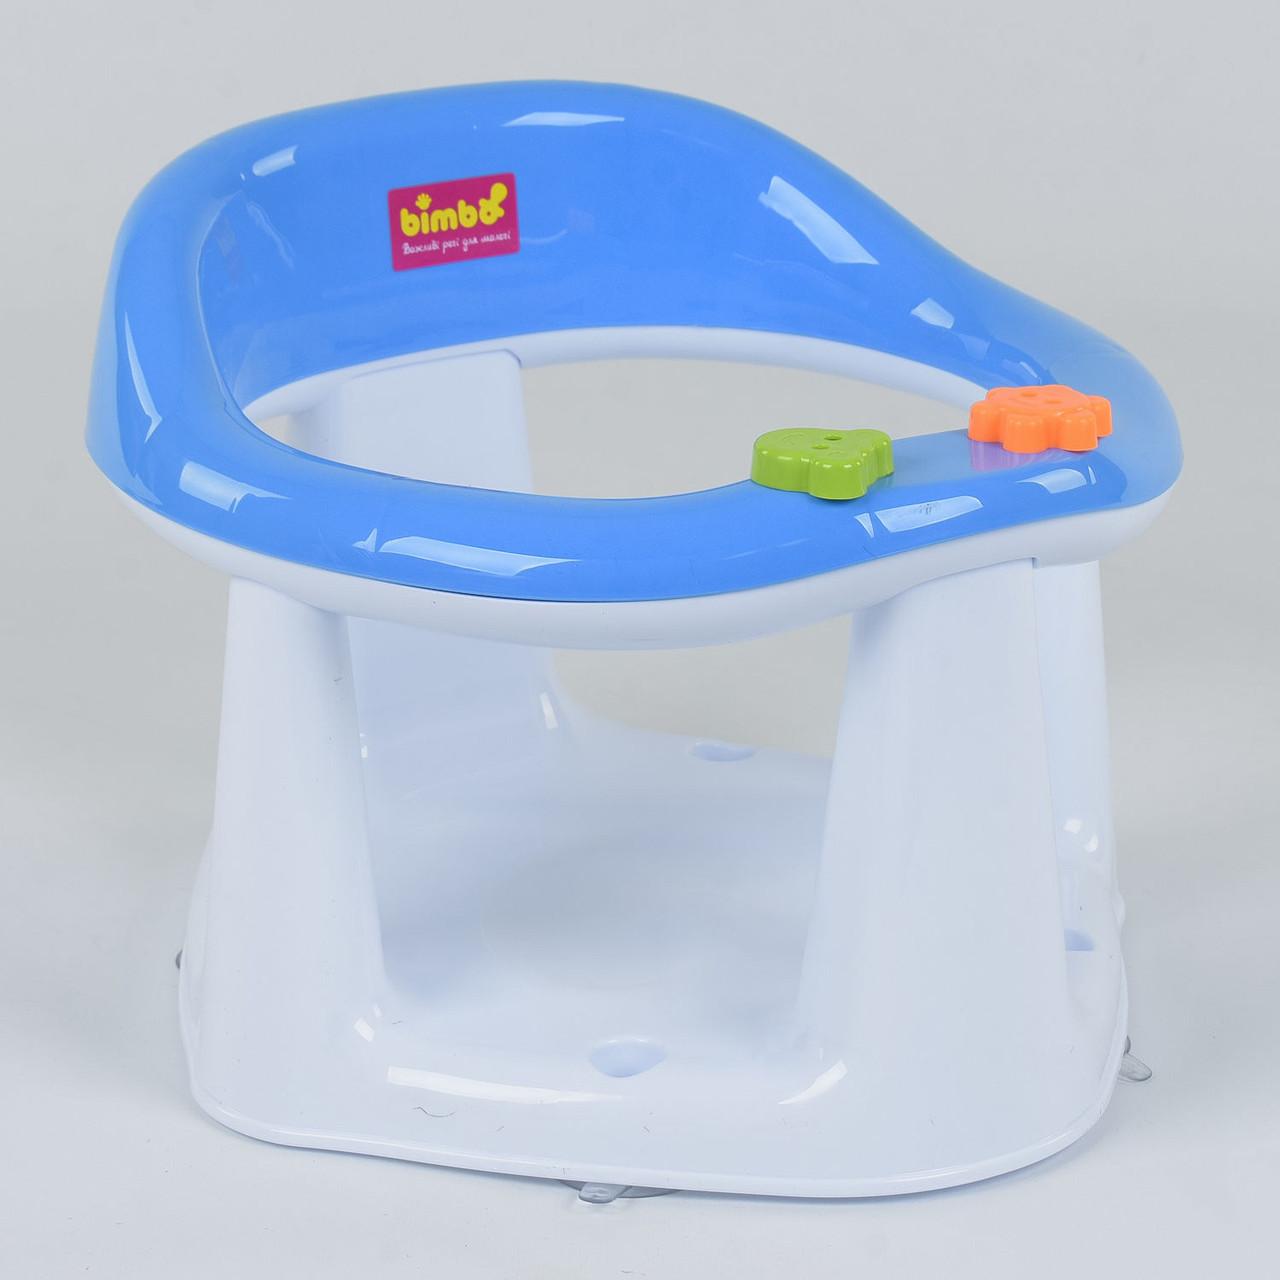 Детское сиденье для купания на присосках BM-55005 Blue-White Гарантия качества Быстрая доставка